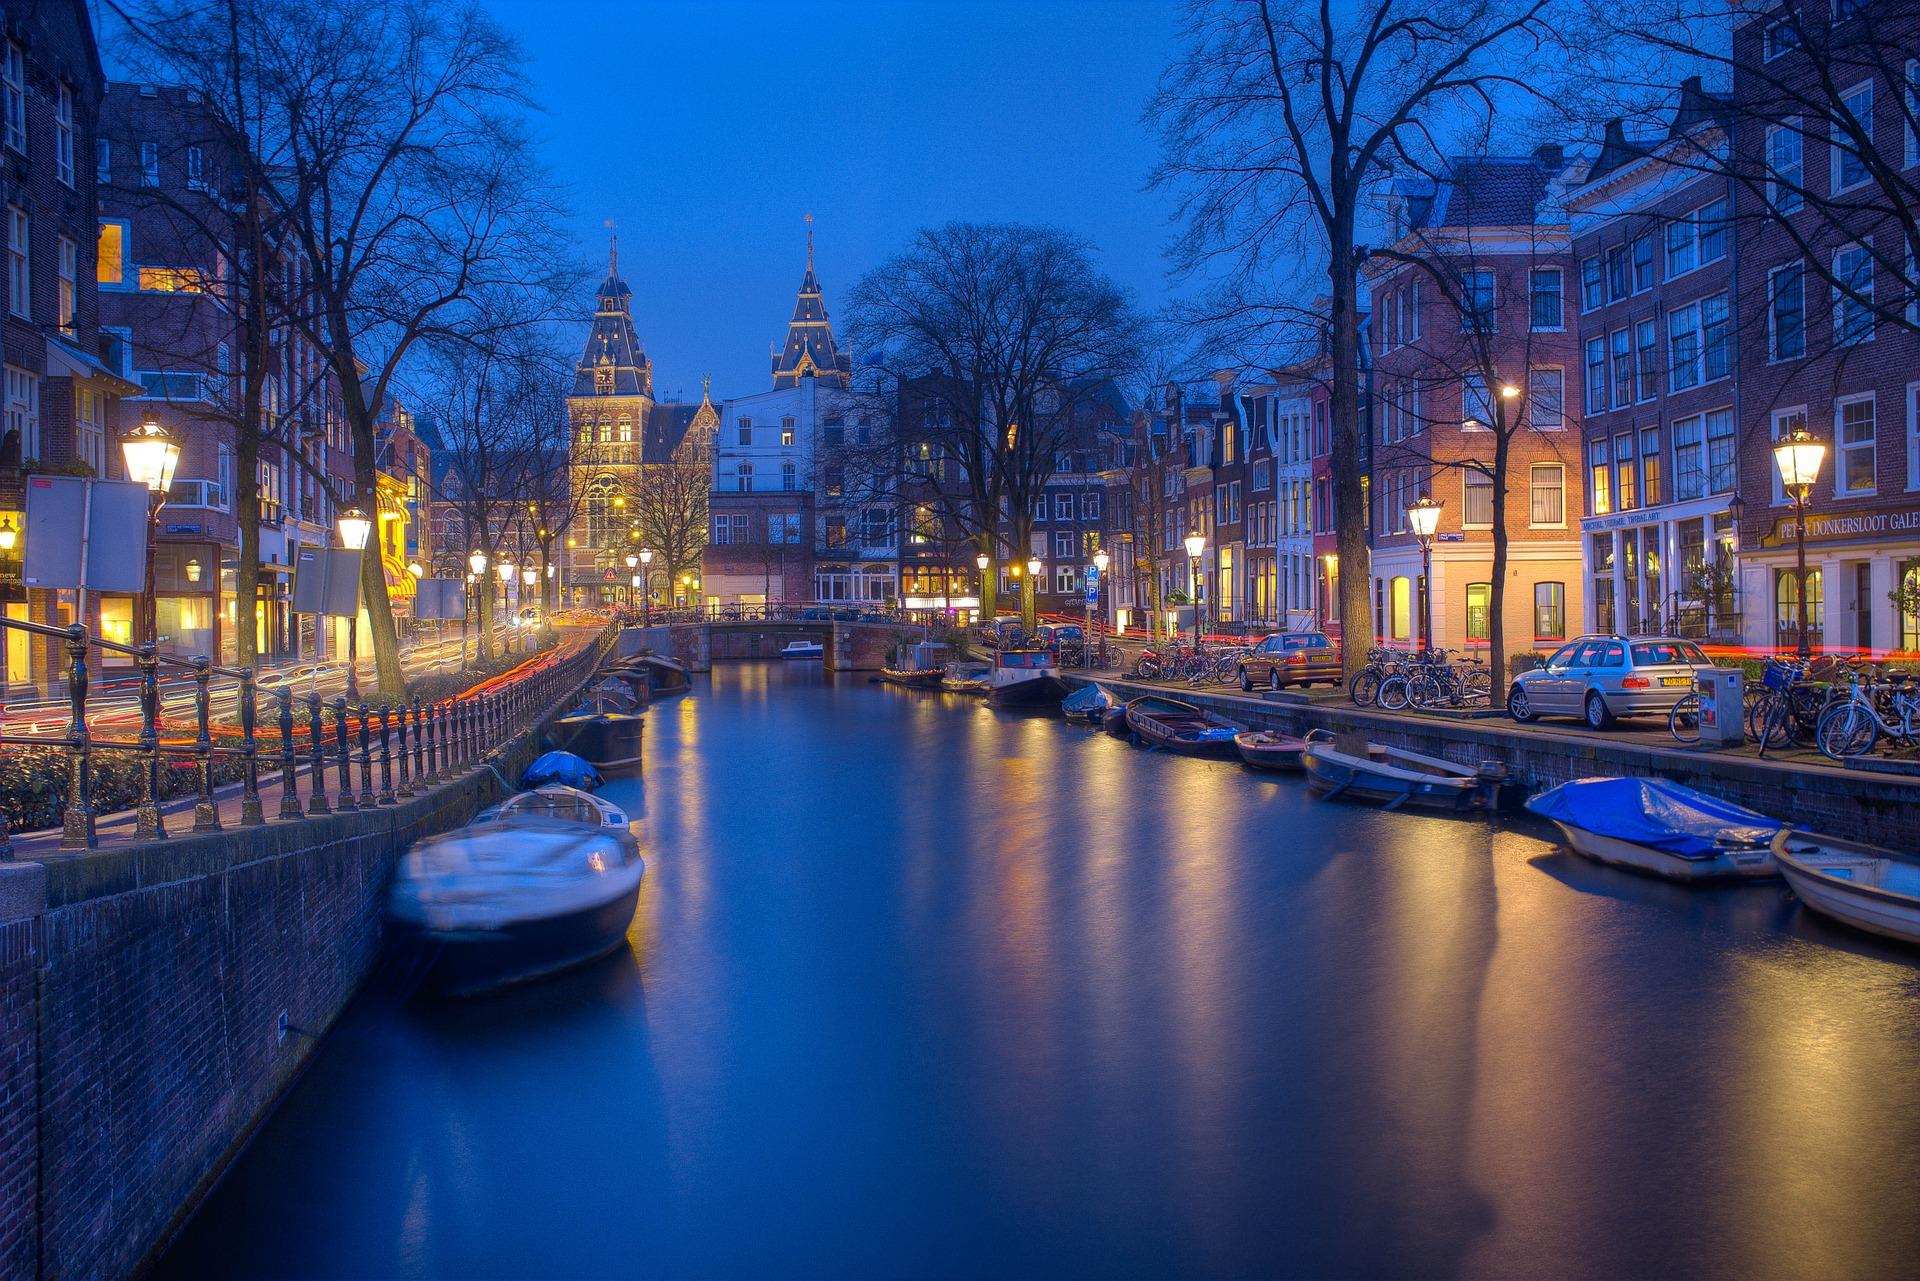 アムステルダム, チャンネル, 夜, ライト, ボート, セレニティ - HD の壁紙 - 教授-falken.com